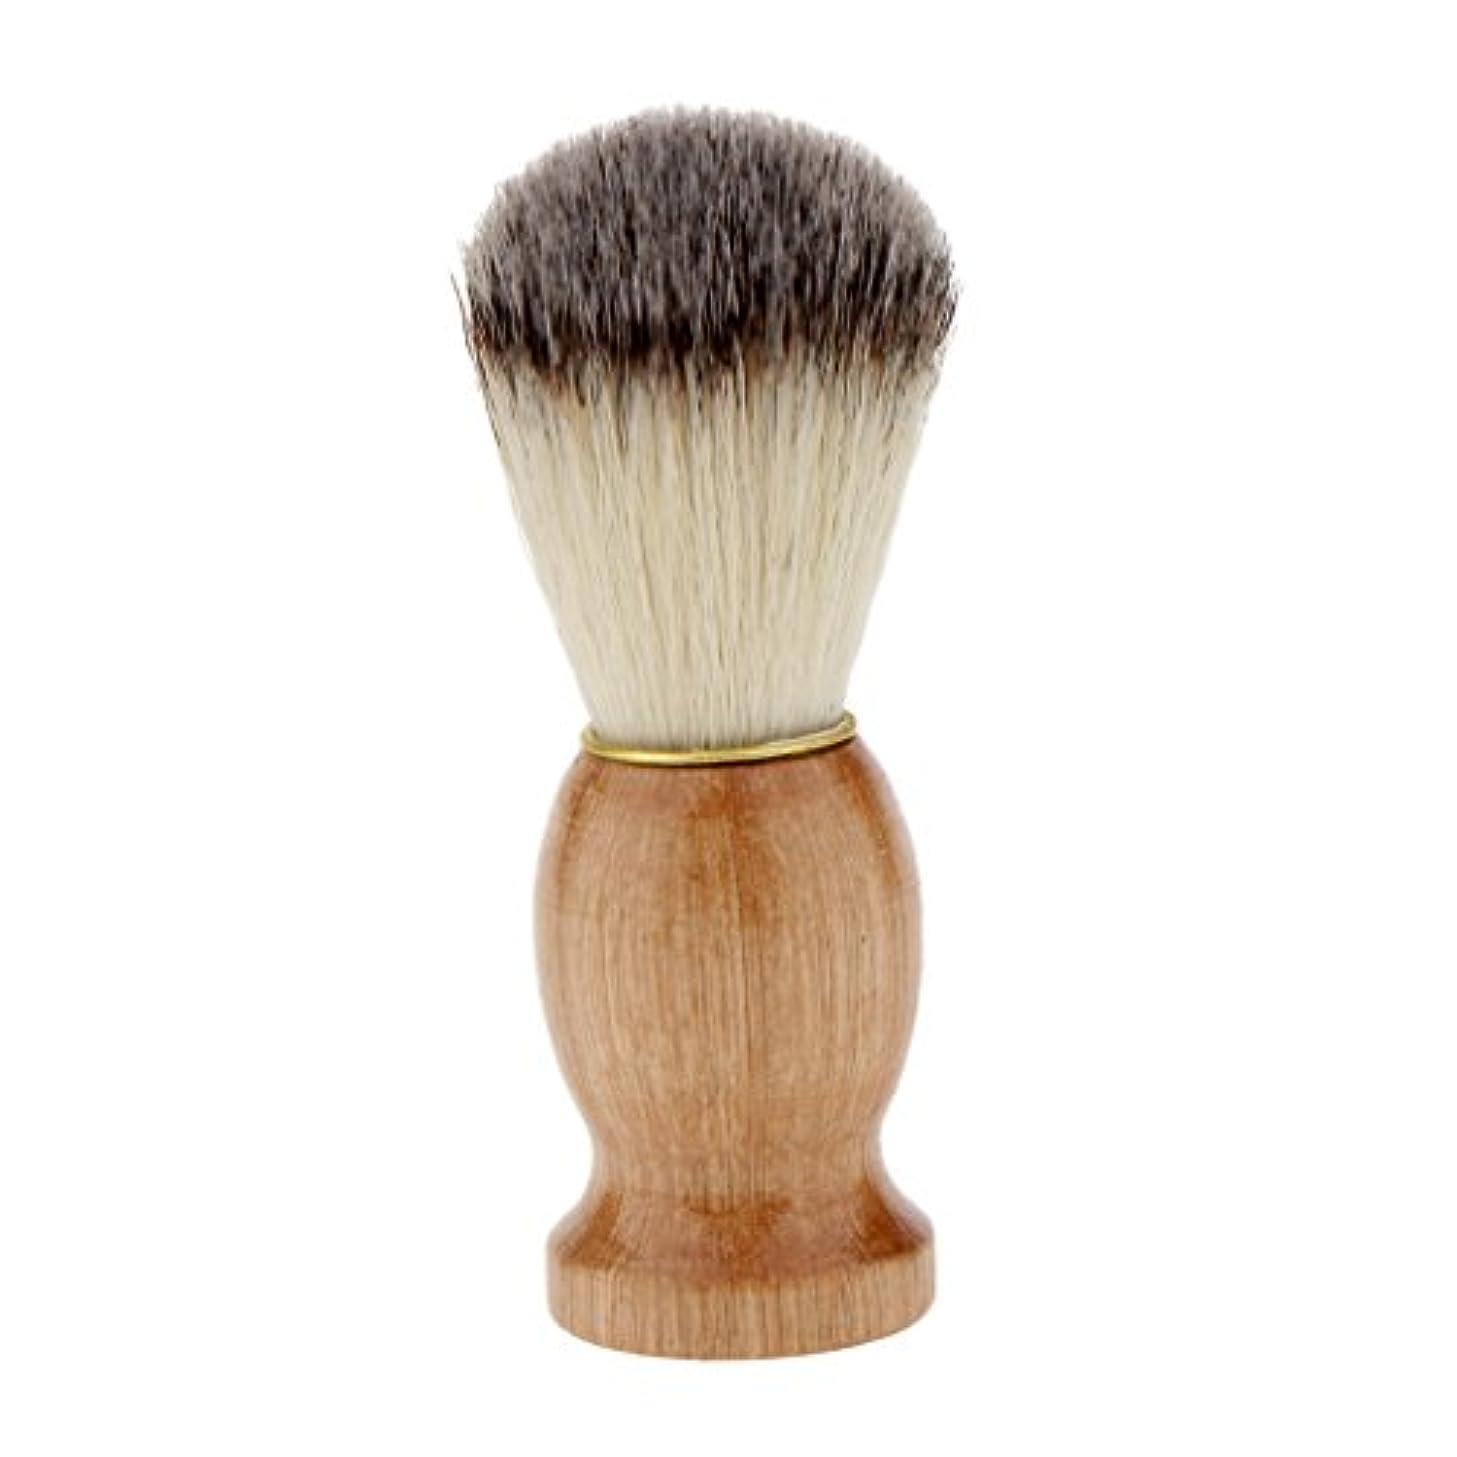 争い石新着男性ギフト剃毛シェービングブラシプロ理髪店サロン剛毛ブラシウッドハンドルダストクリーニングツール